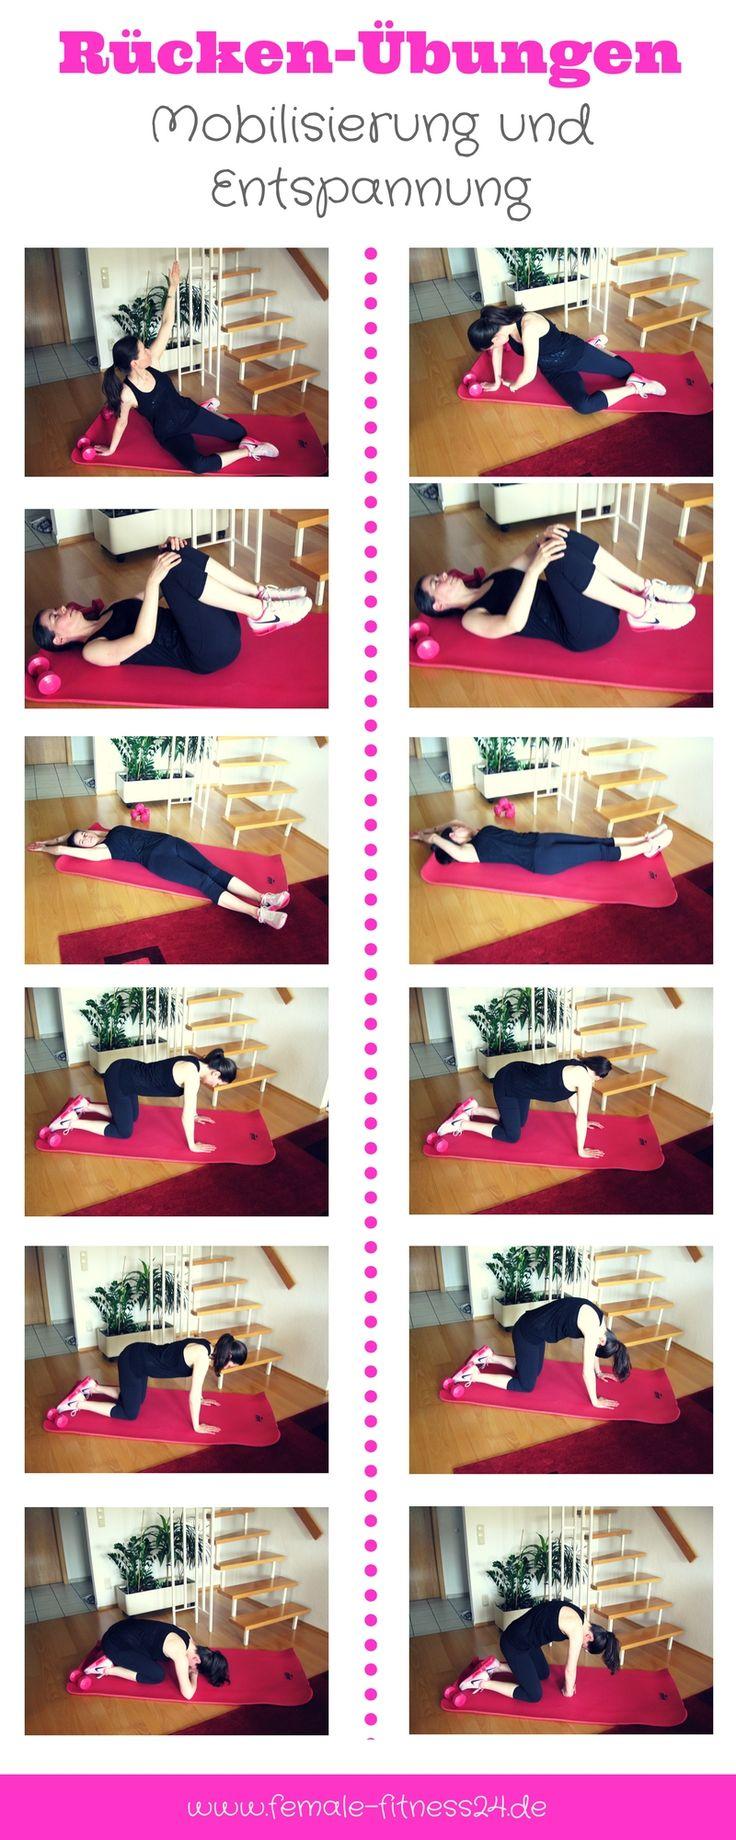 Übungen | Workout für Rücken bzw. für die Wirbelsäule - eine wahre Wohltat zur Entspannung und Mobilisierung. Als einzelnes Workout oder als Bestandteil des Dehnens nach einem Workout (z.B. Bauch, Beine, Po; Aerobic, Tanz-Fitness etc.). Aber auch direkt nach der Arbeit oder vor dem Schlafen gehen können die Übungen gemacht werden.